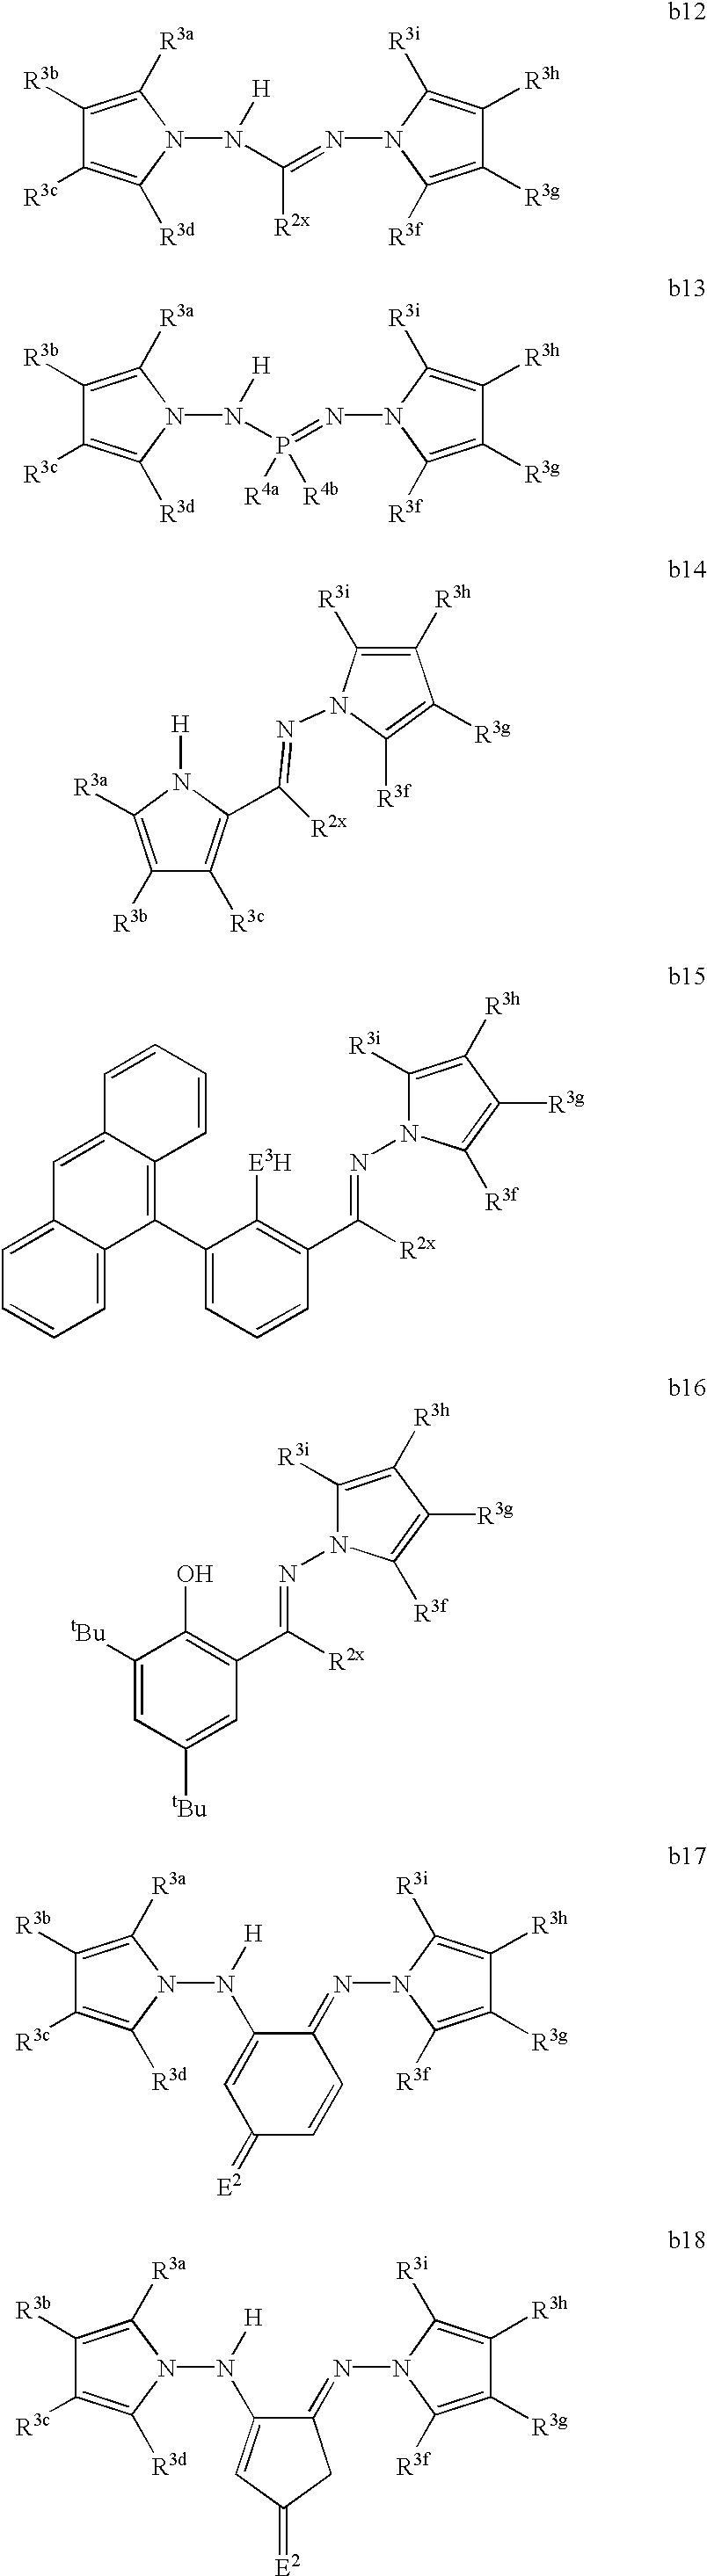 Figure US06545108-20030408-C00025